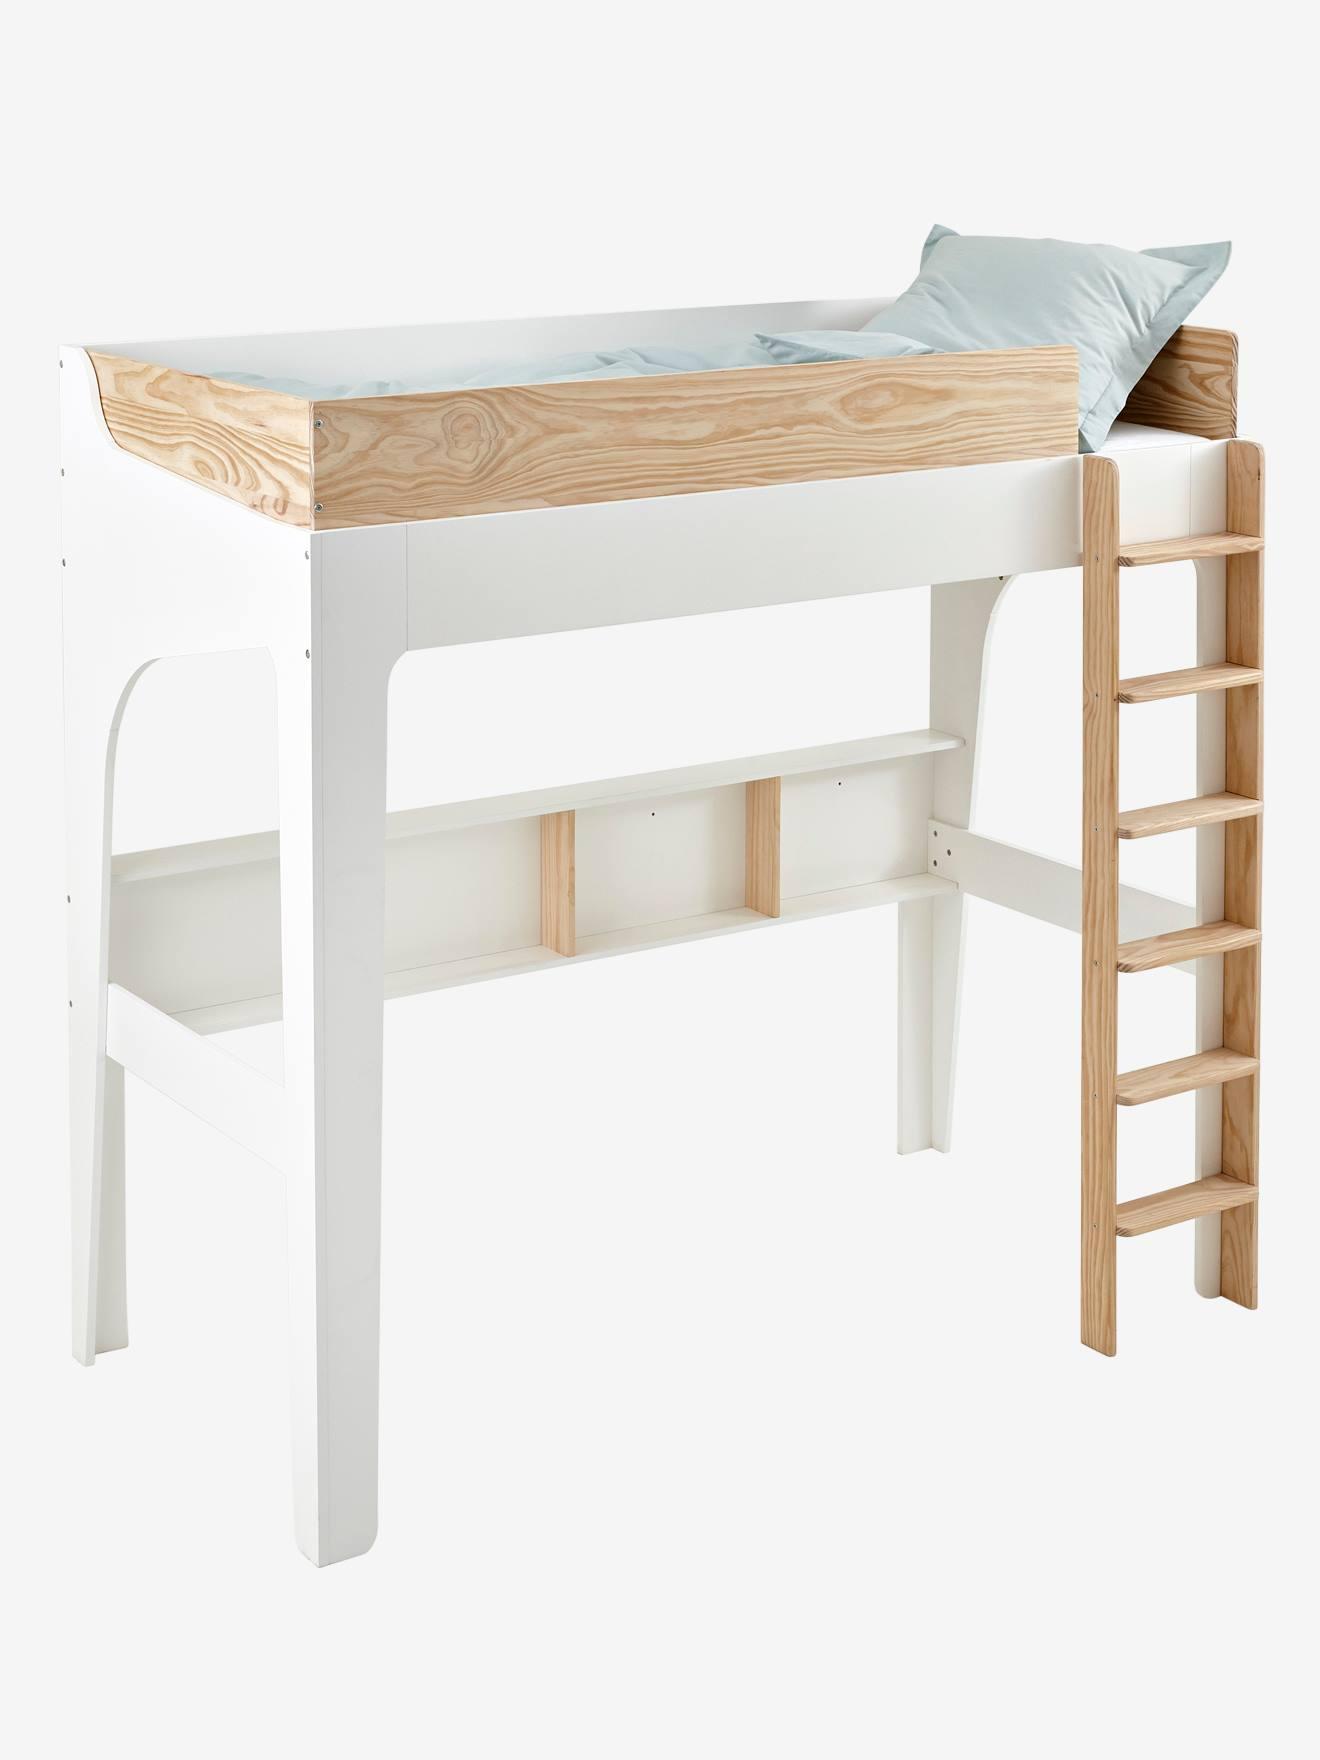 lit archipel vertbaudet lit combine evolutif lit combin volutif archipel with lit archipel. Black Bedroom Furniture Sets. Home Design Ideas